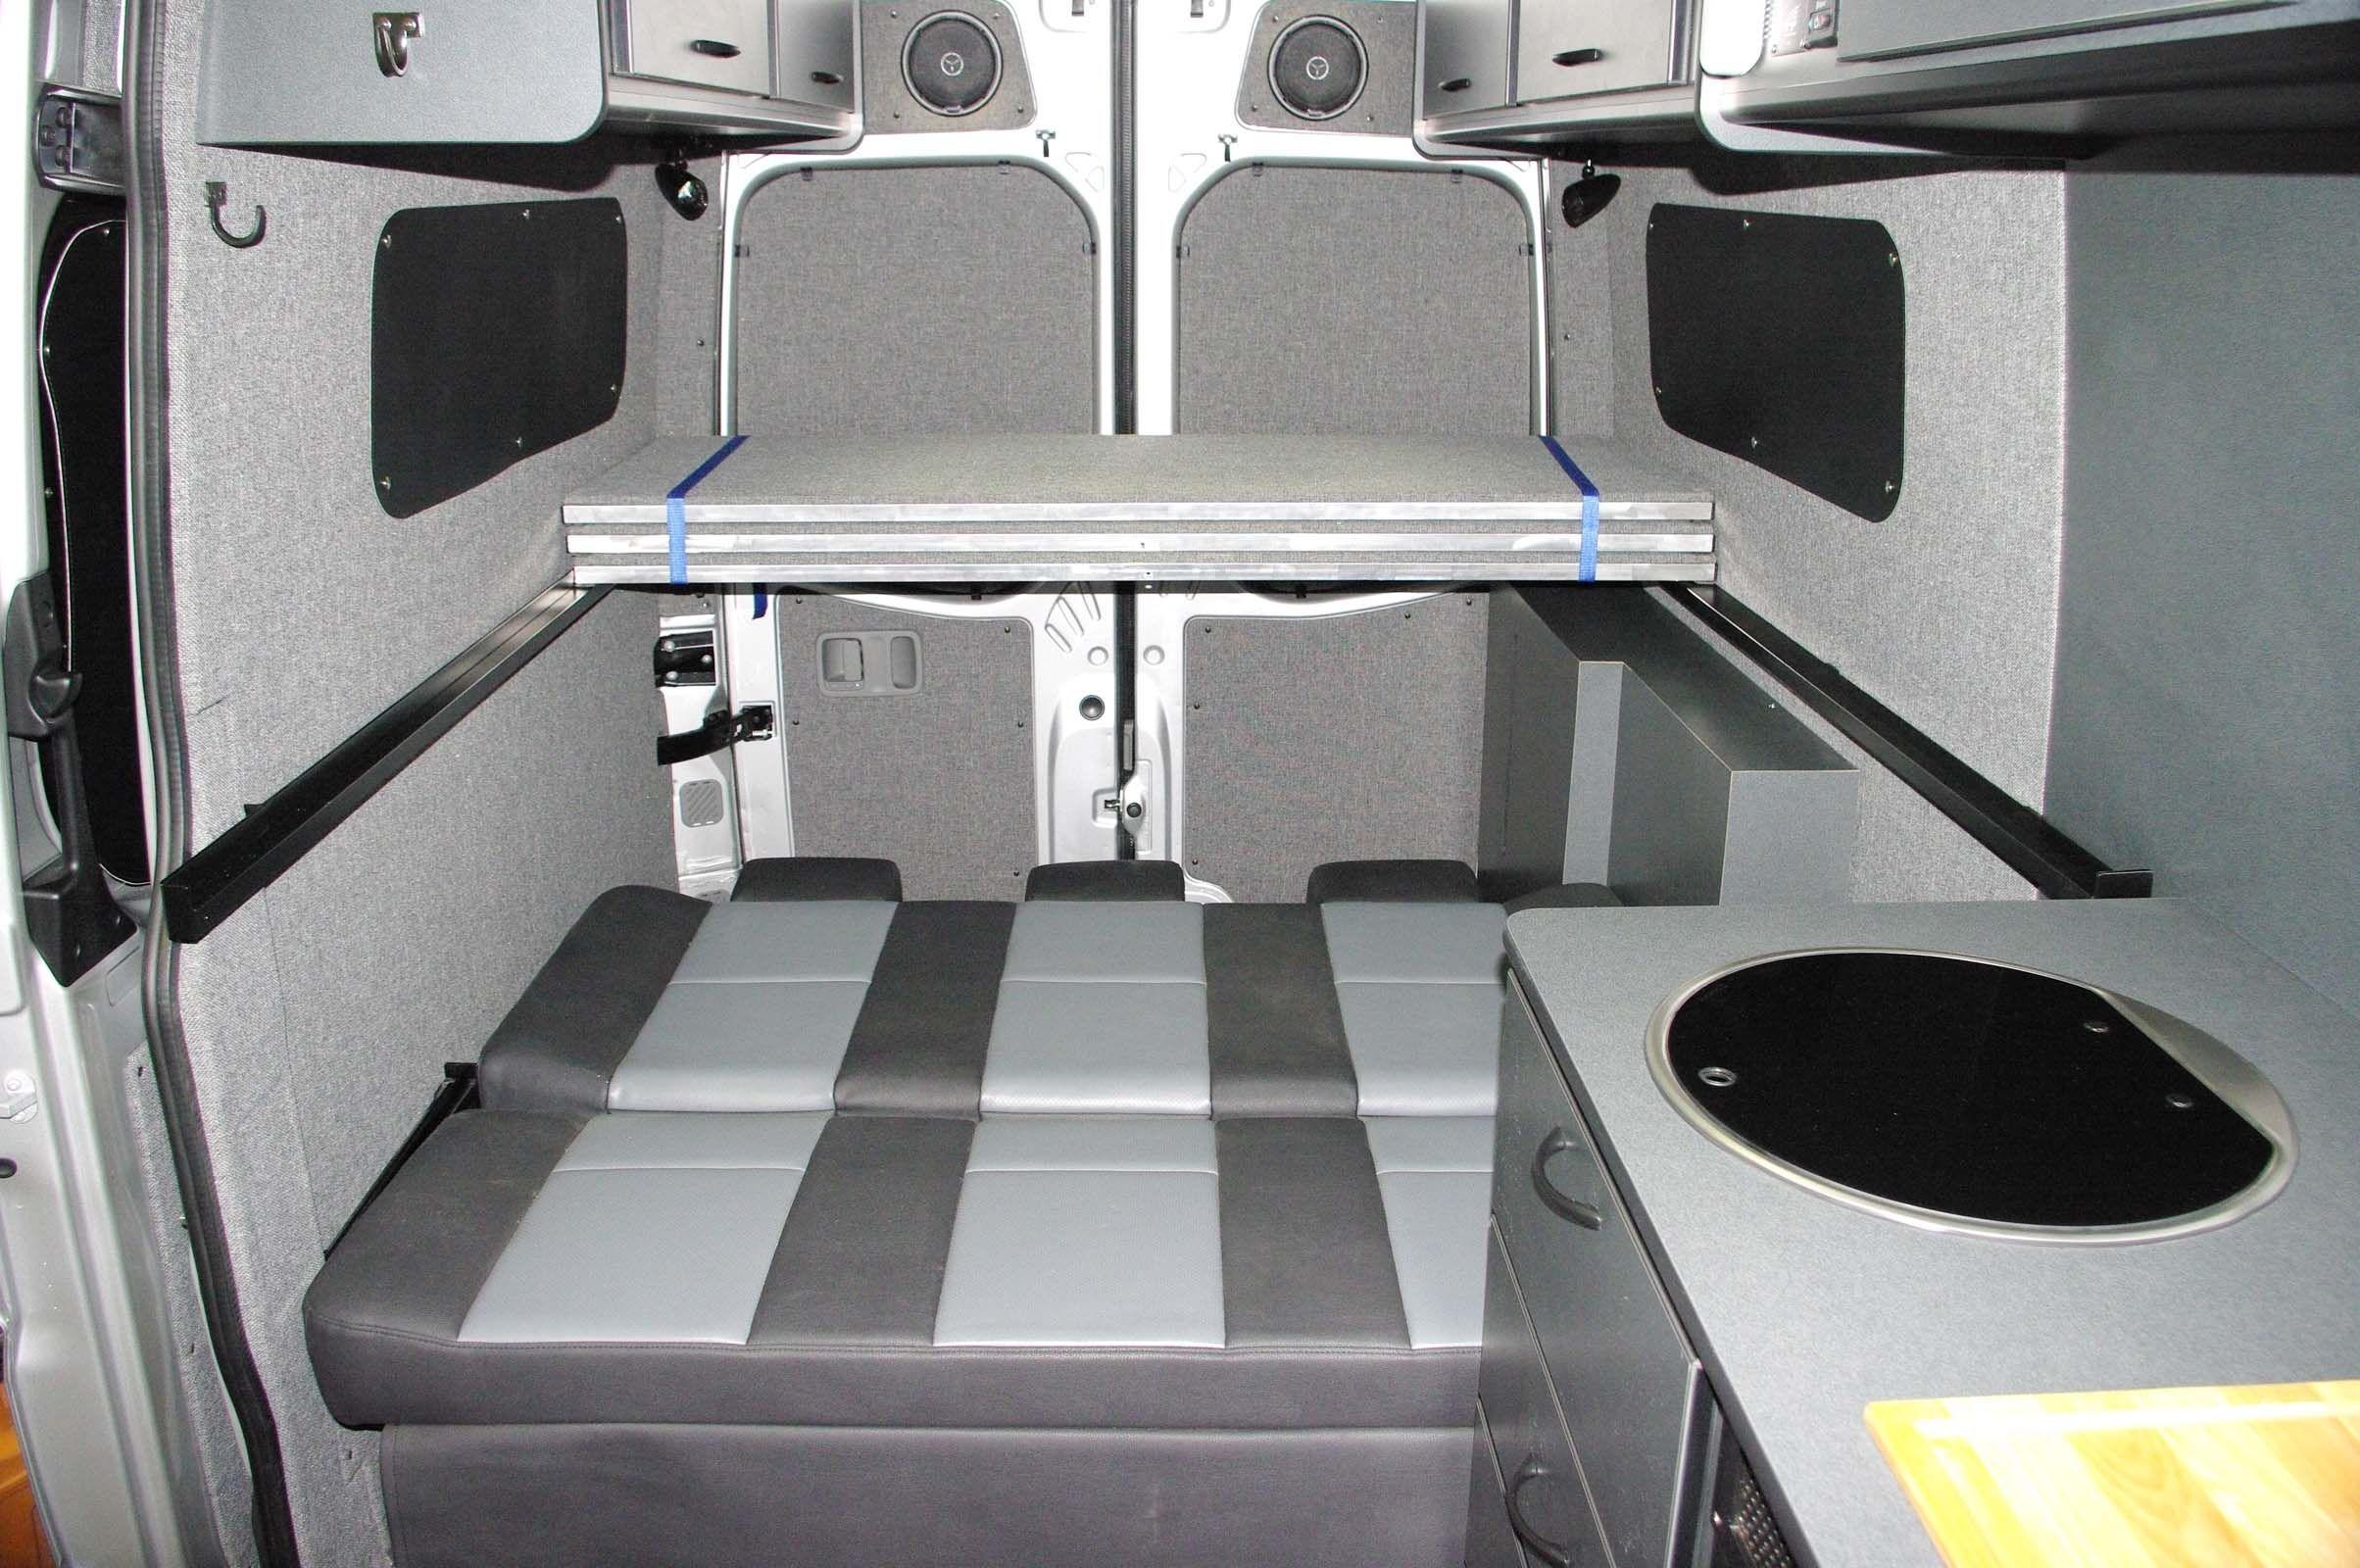 4 Pack Van Specialties Like The Bench Not The Zebra